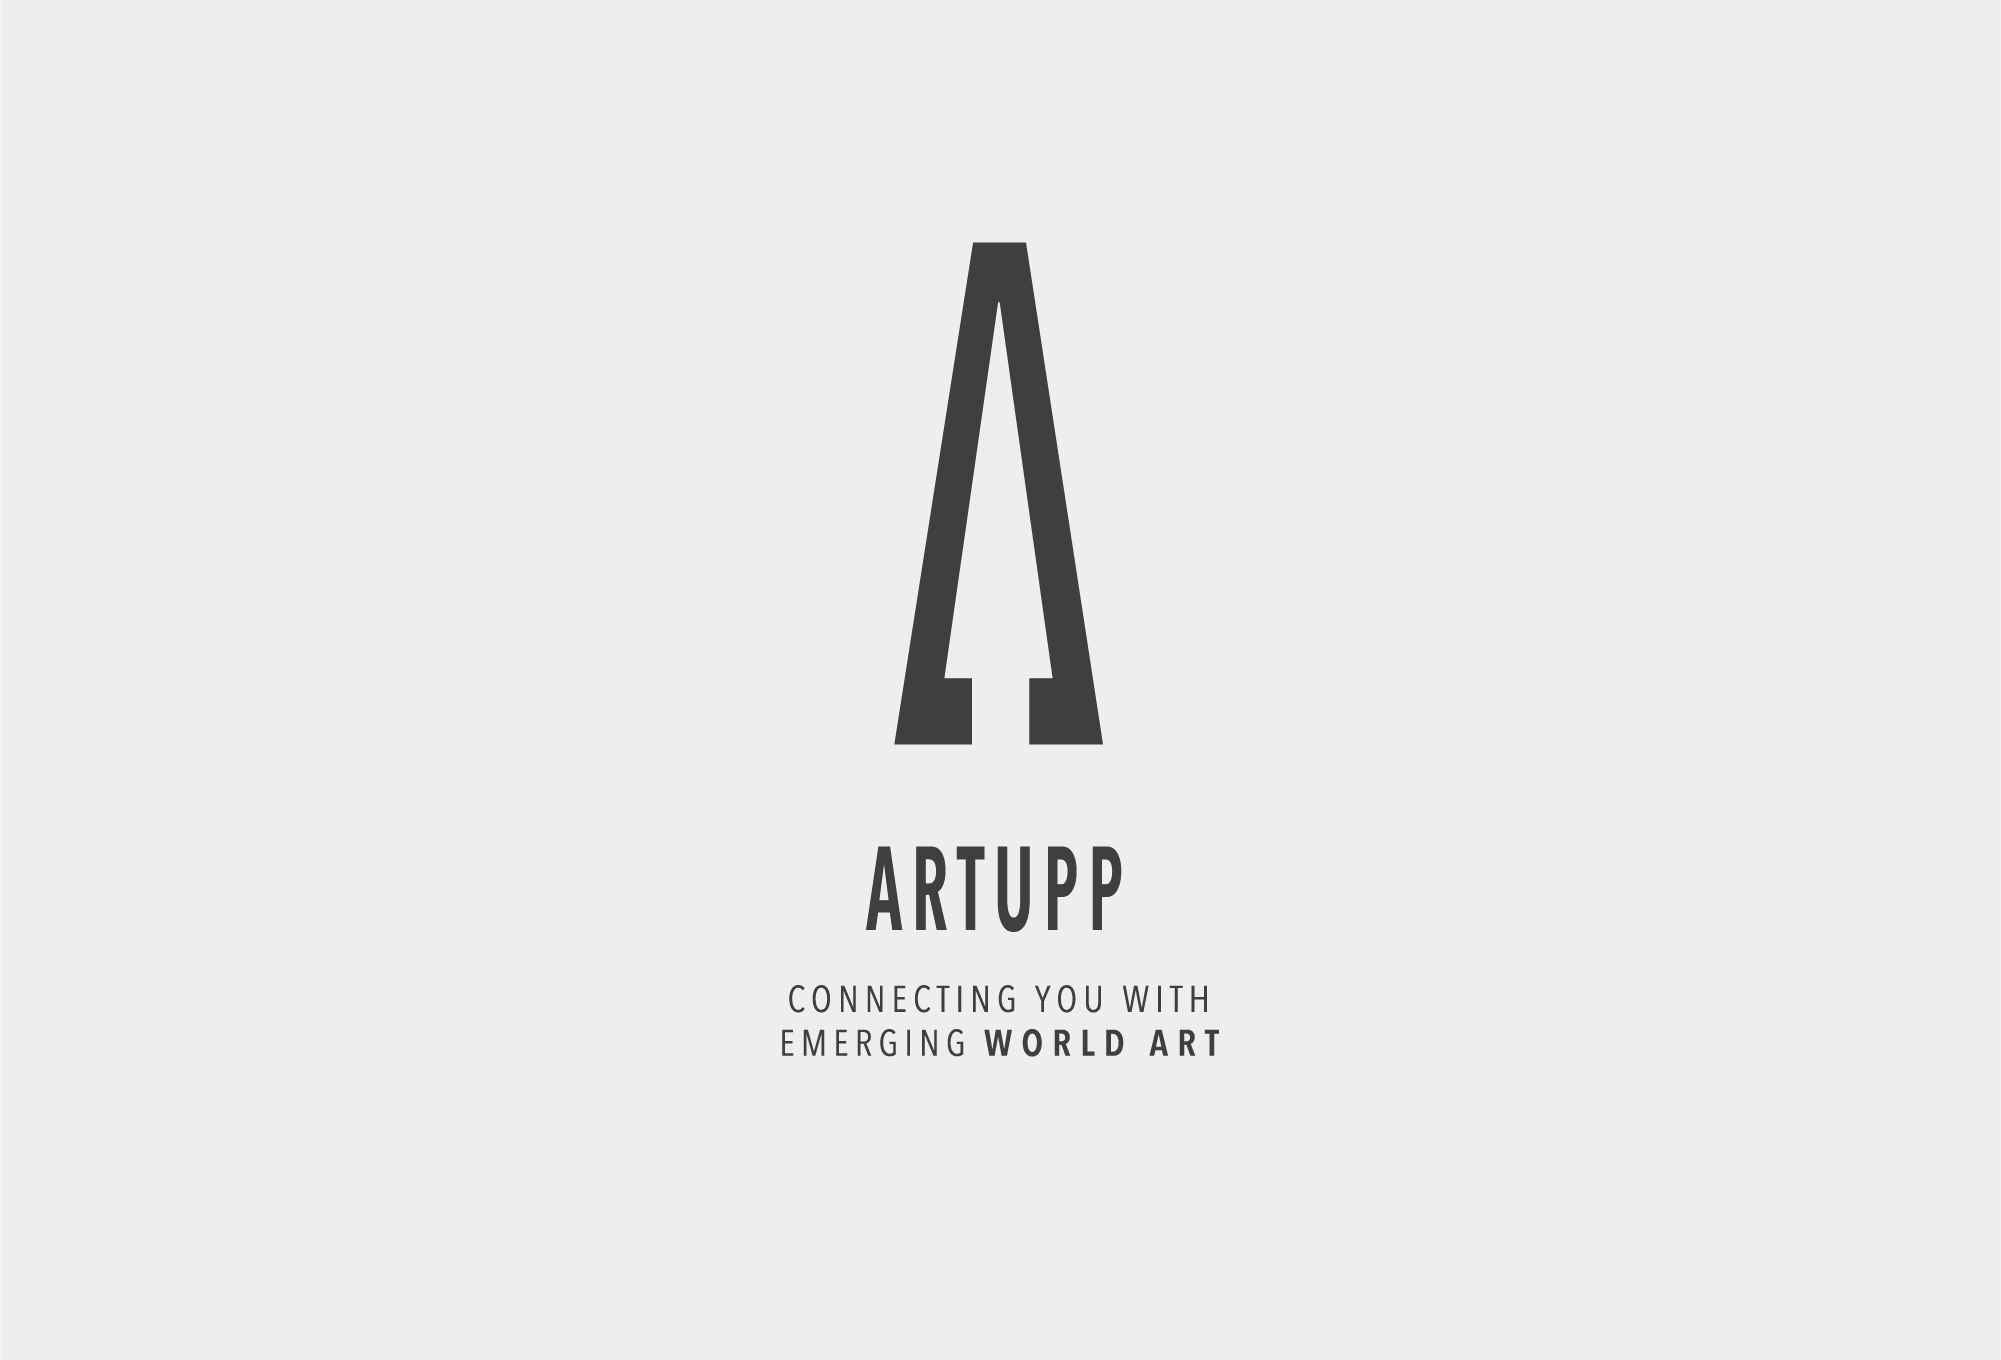 Art_Upp_1